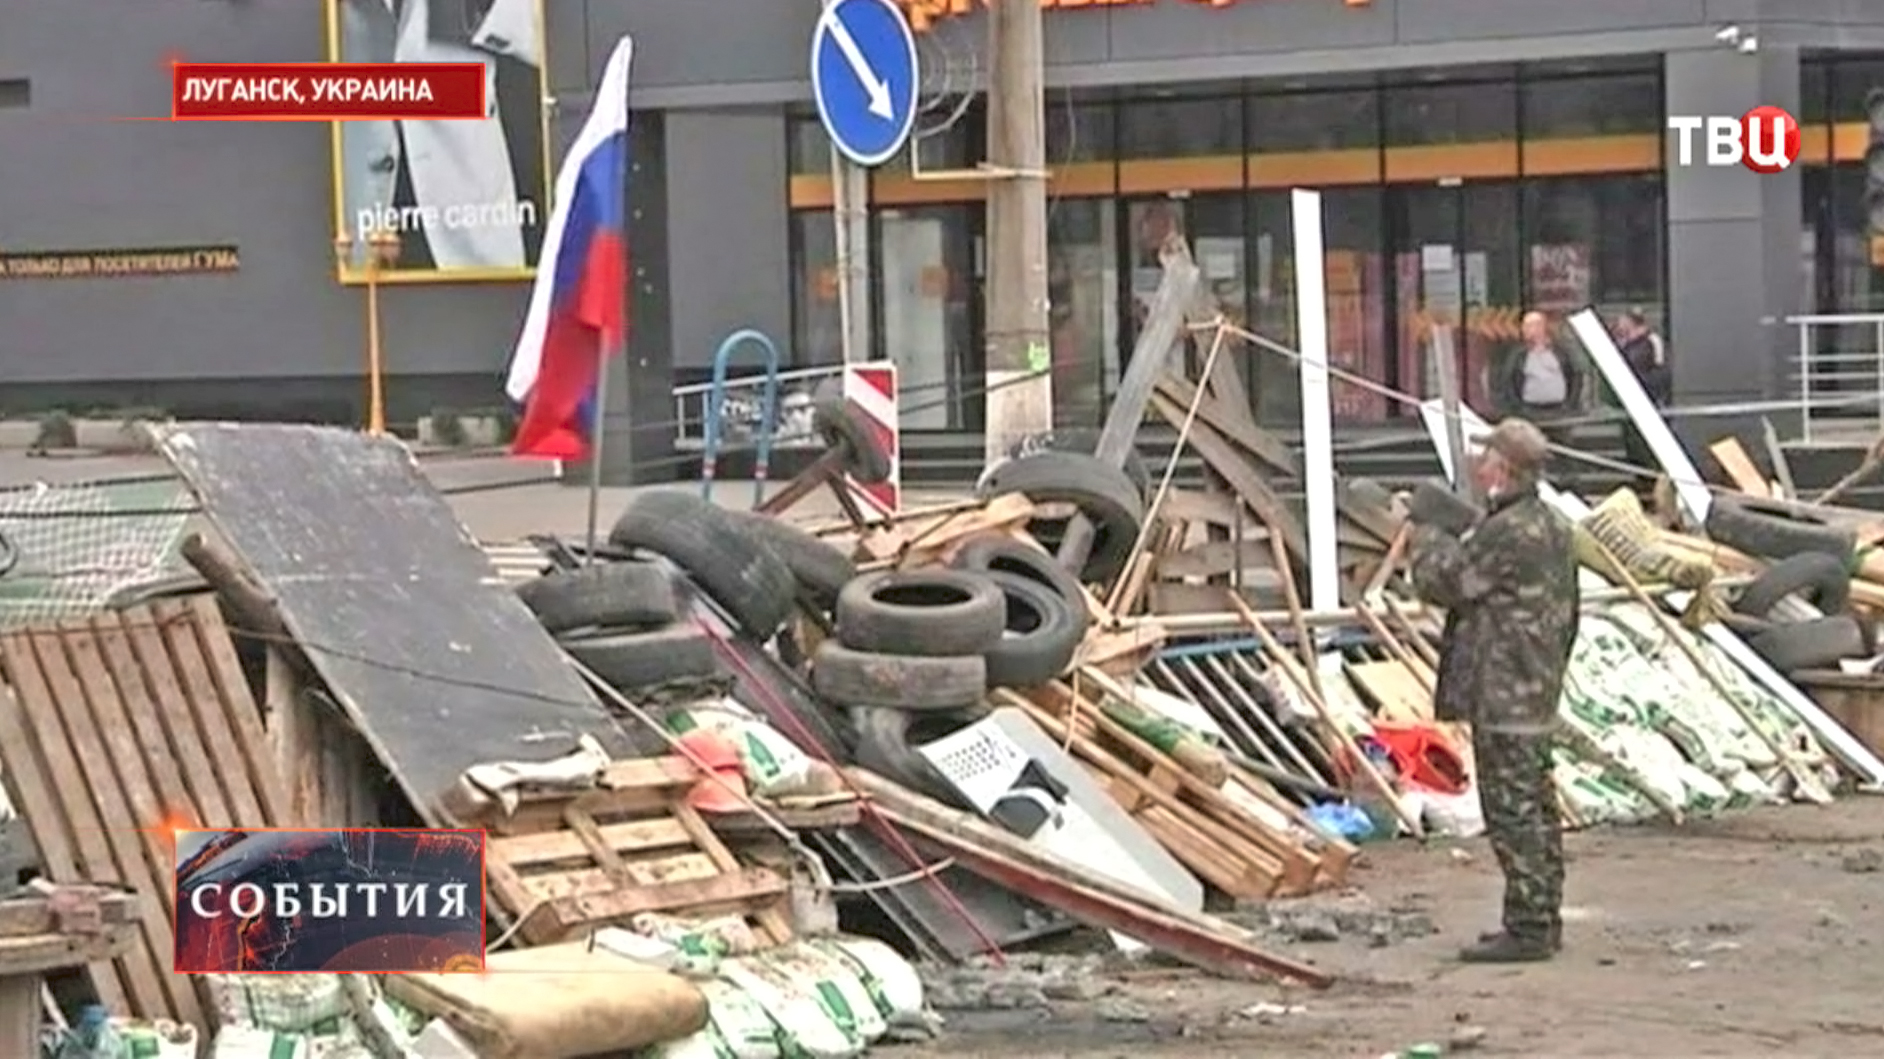 Обломки после митинга в Луганске